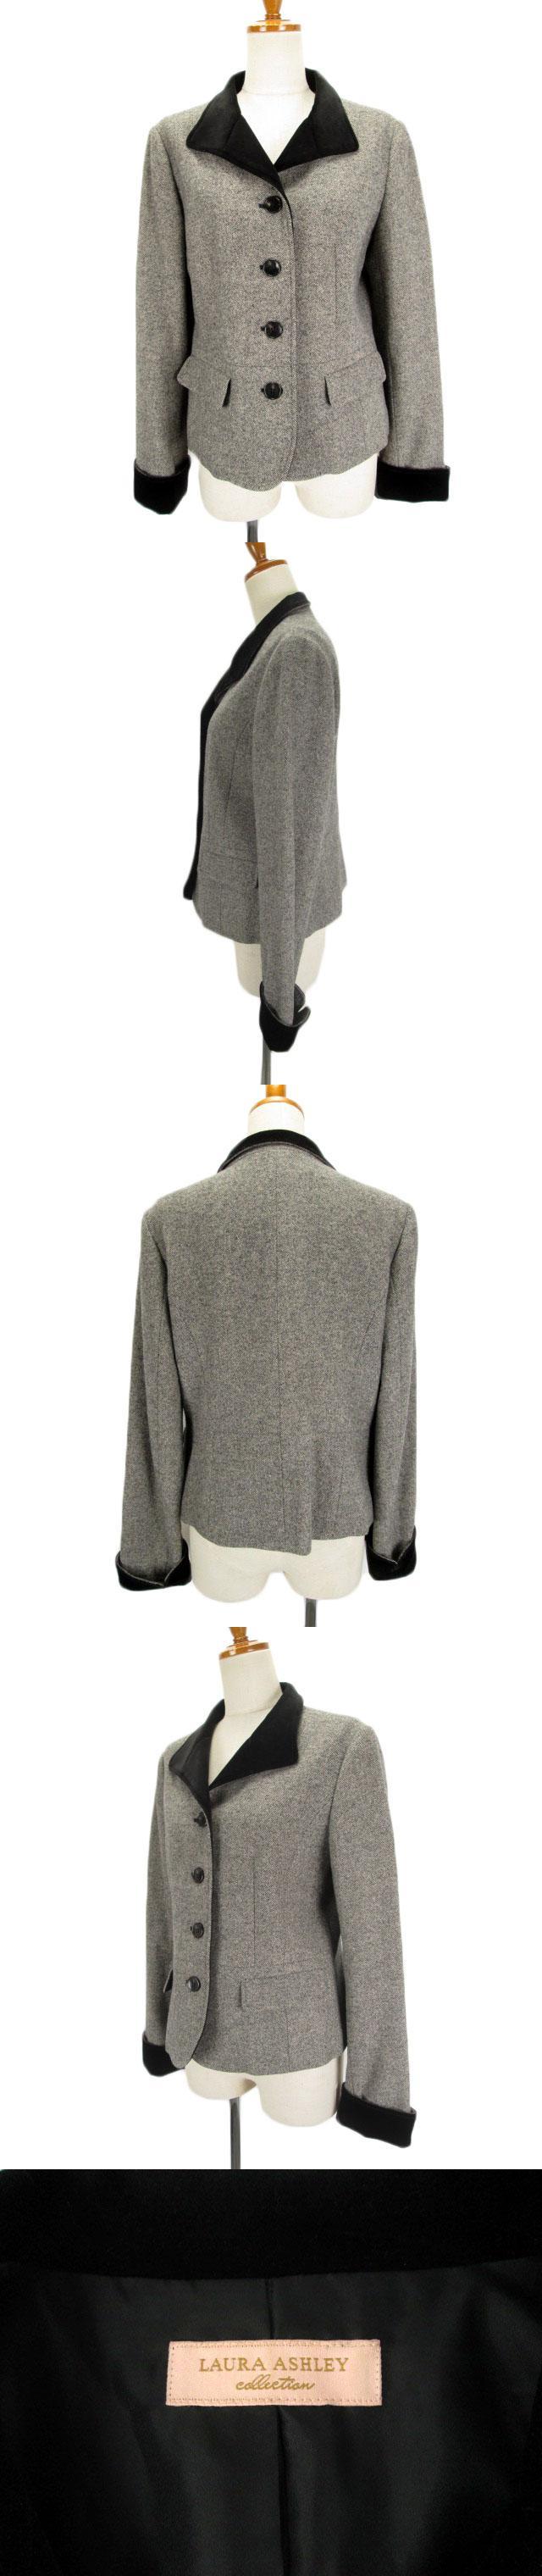 ジャケット ツイード アンゴラ カシミヤ 13 黒 白